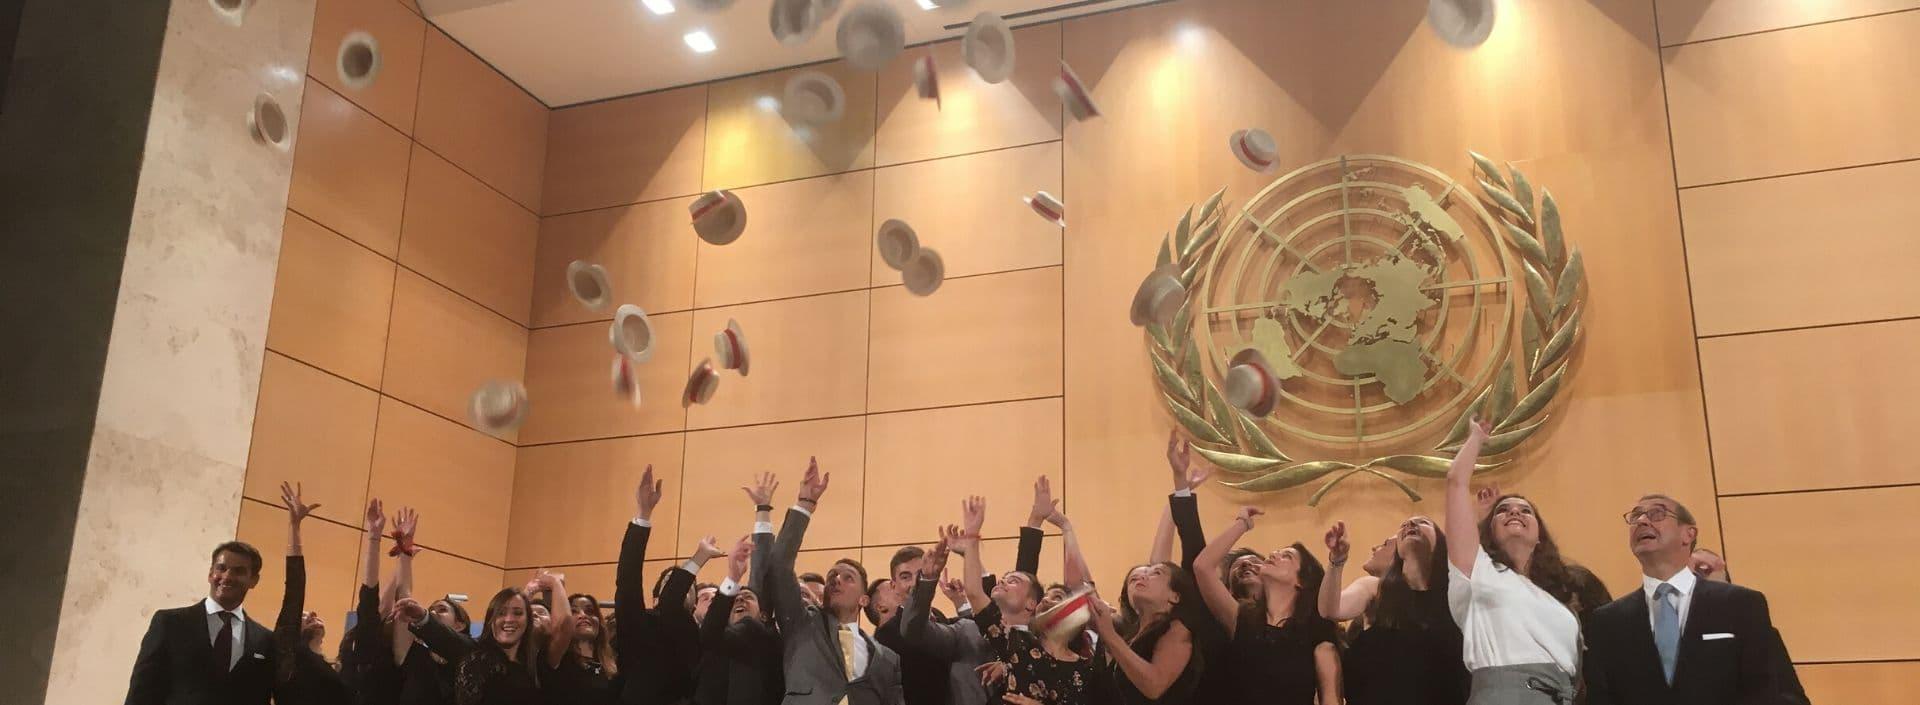 Cérémonie de remise des diplomes aux ALumni de l'Ecole Hôtelière de Geneve 1920x705-min